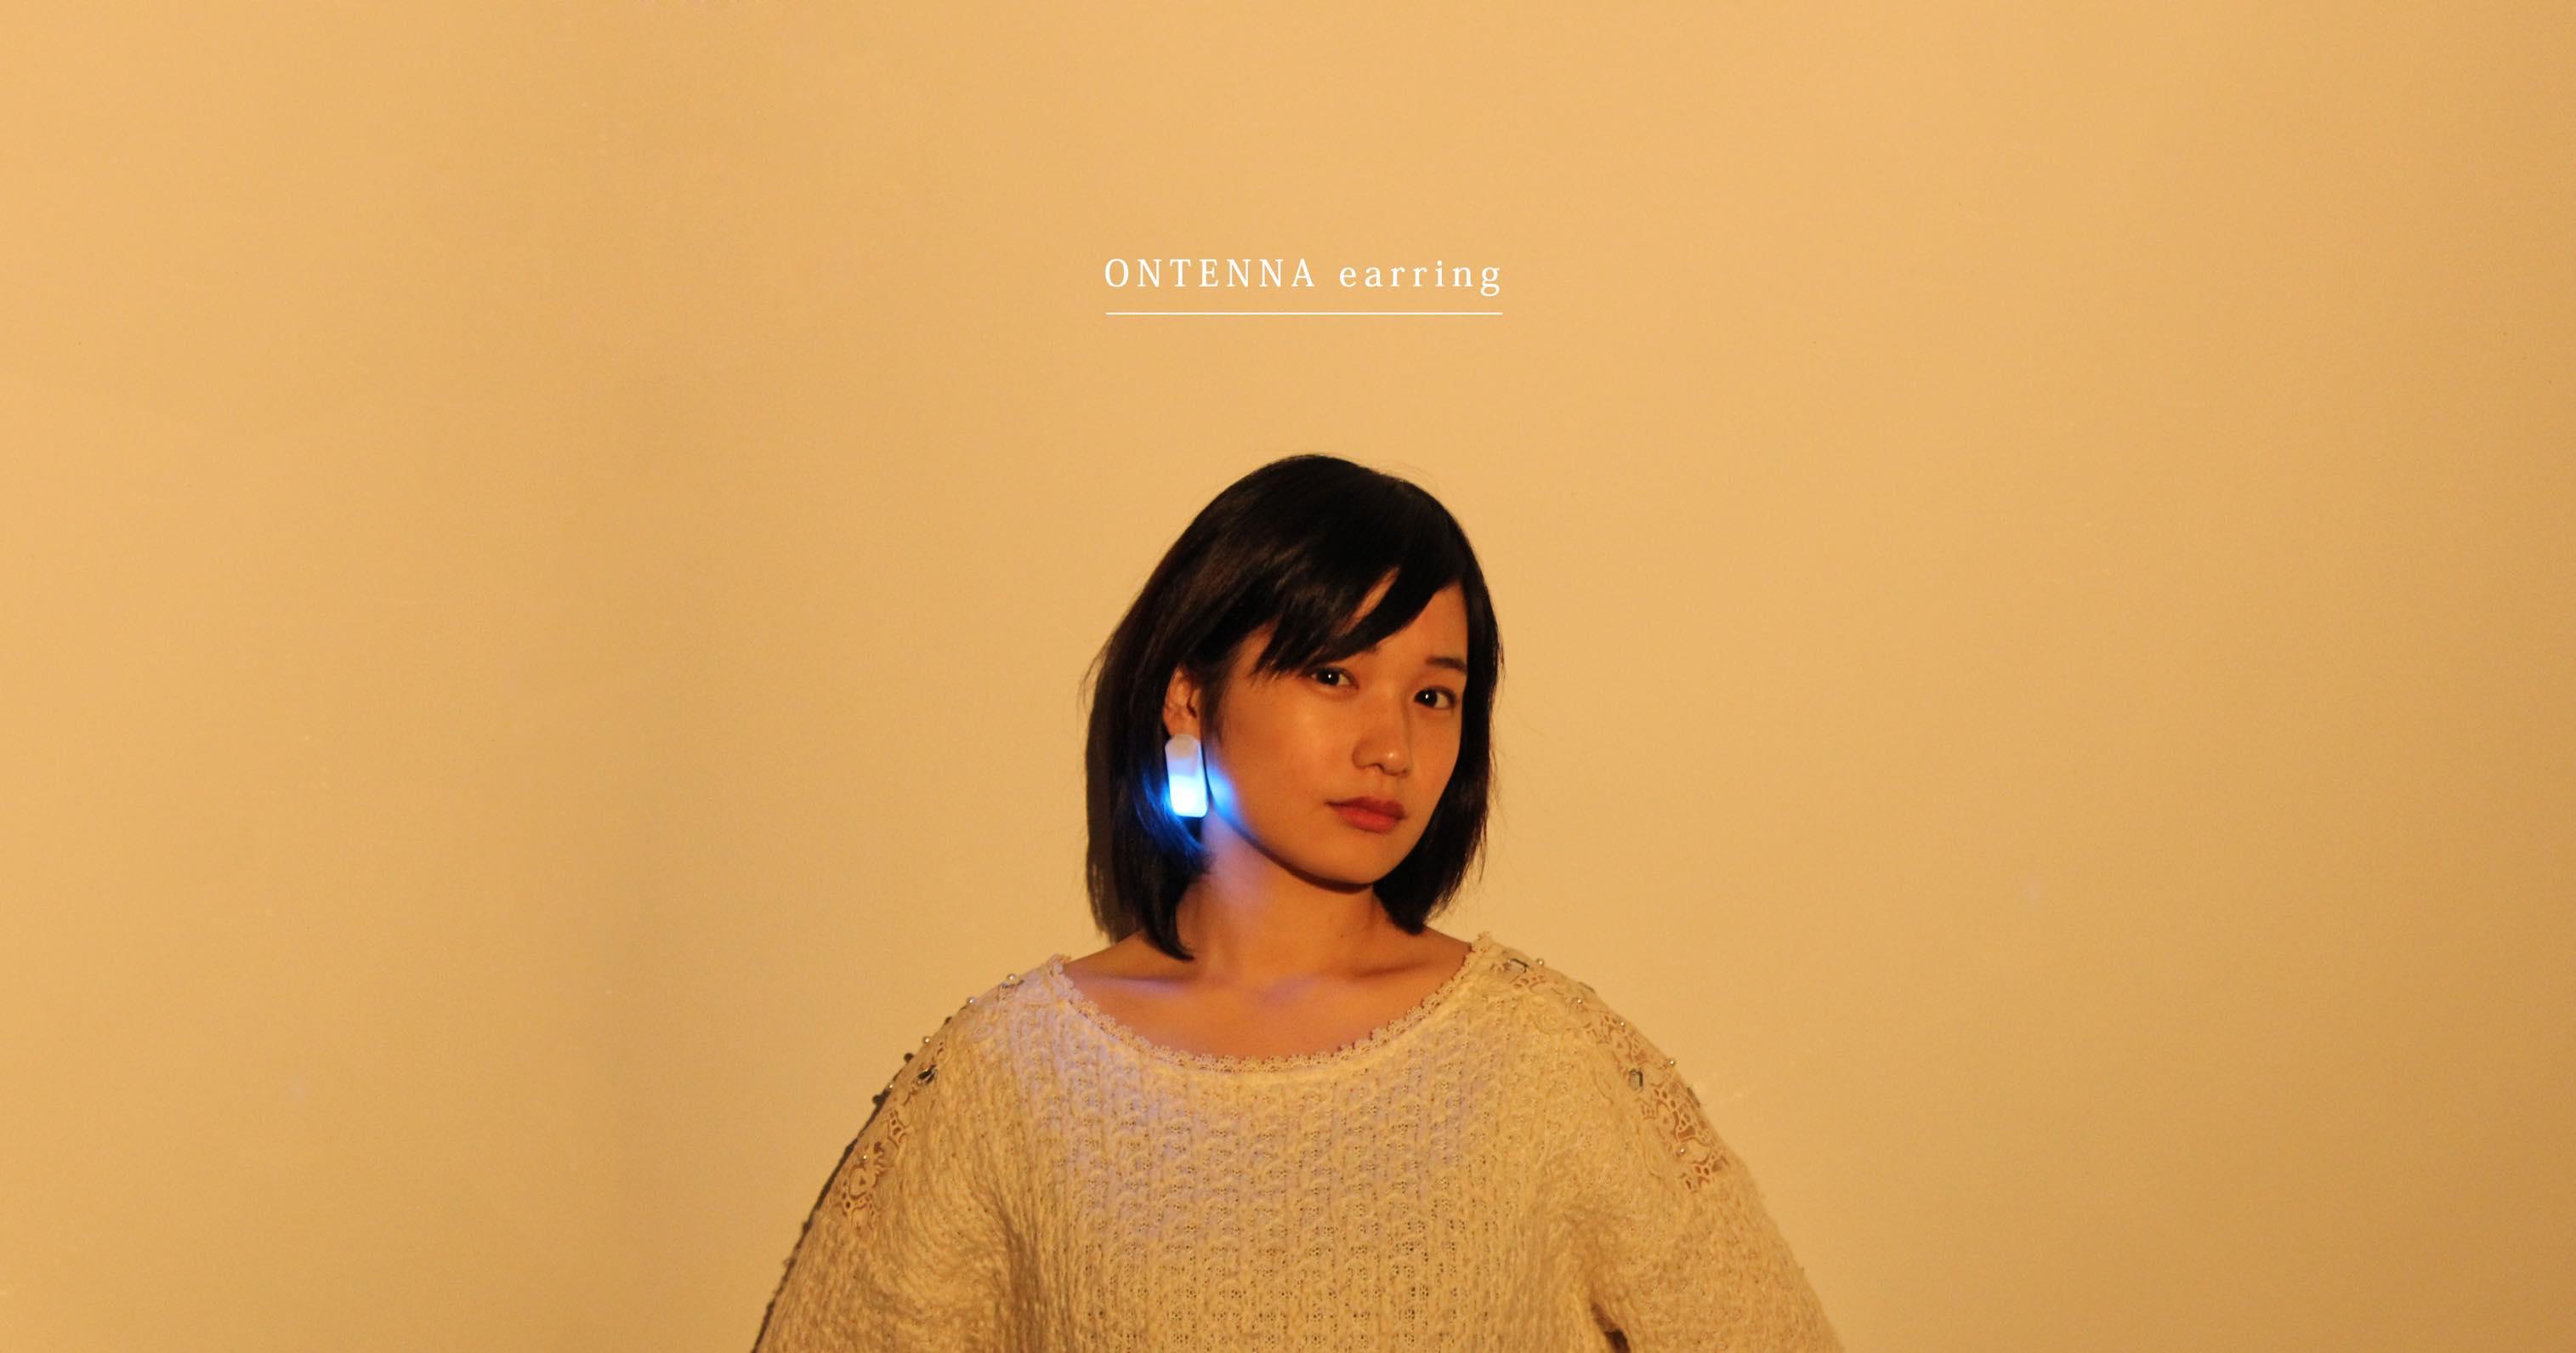 japan ontenna earing